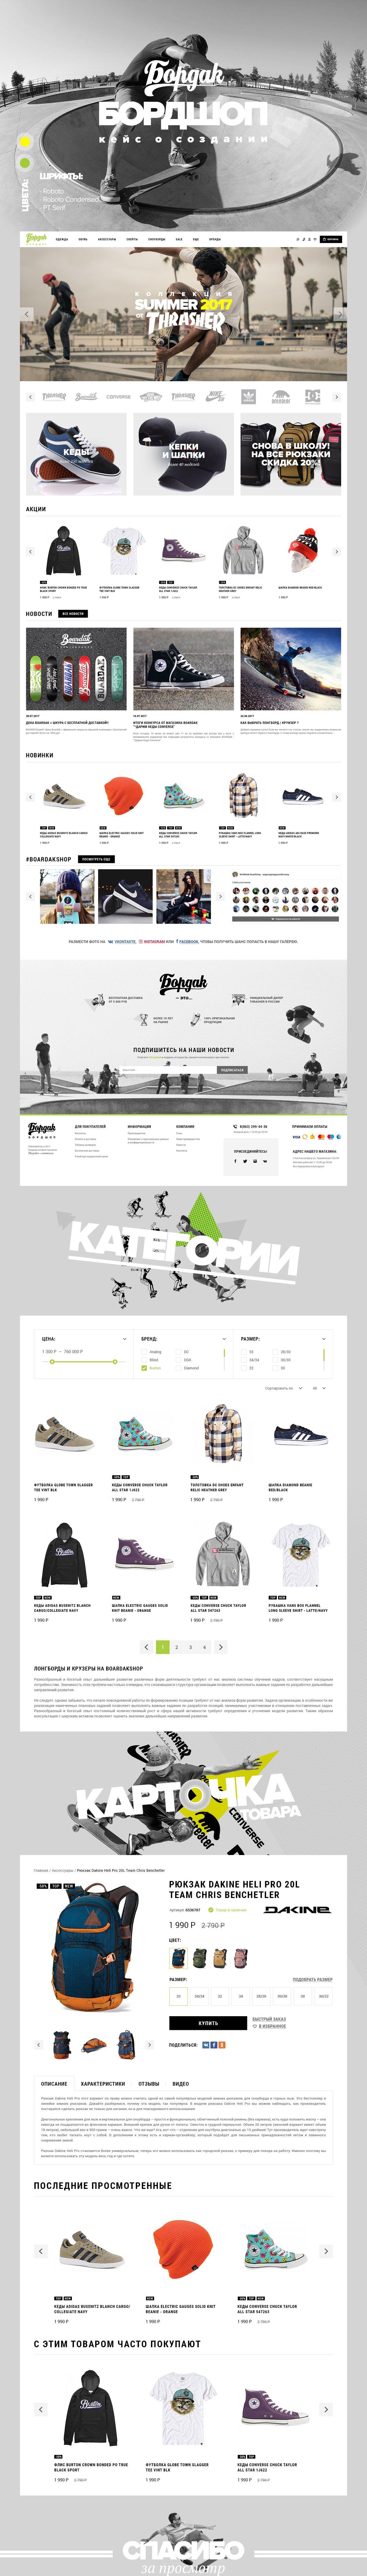 Интернет-магазин товаров для скейтбордистов BOARDak Boardshop